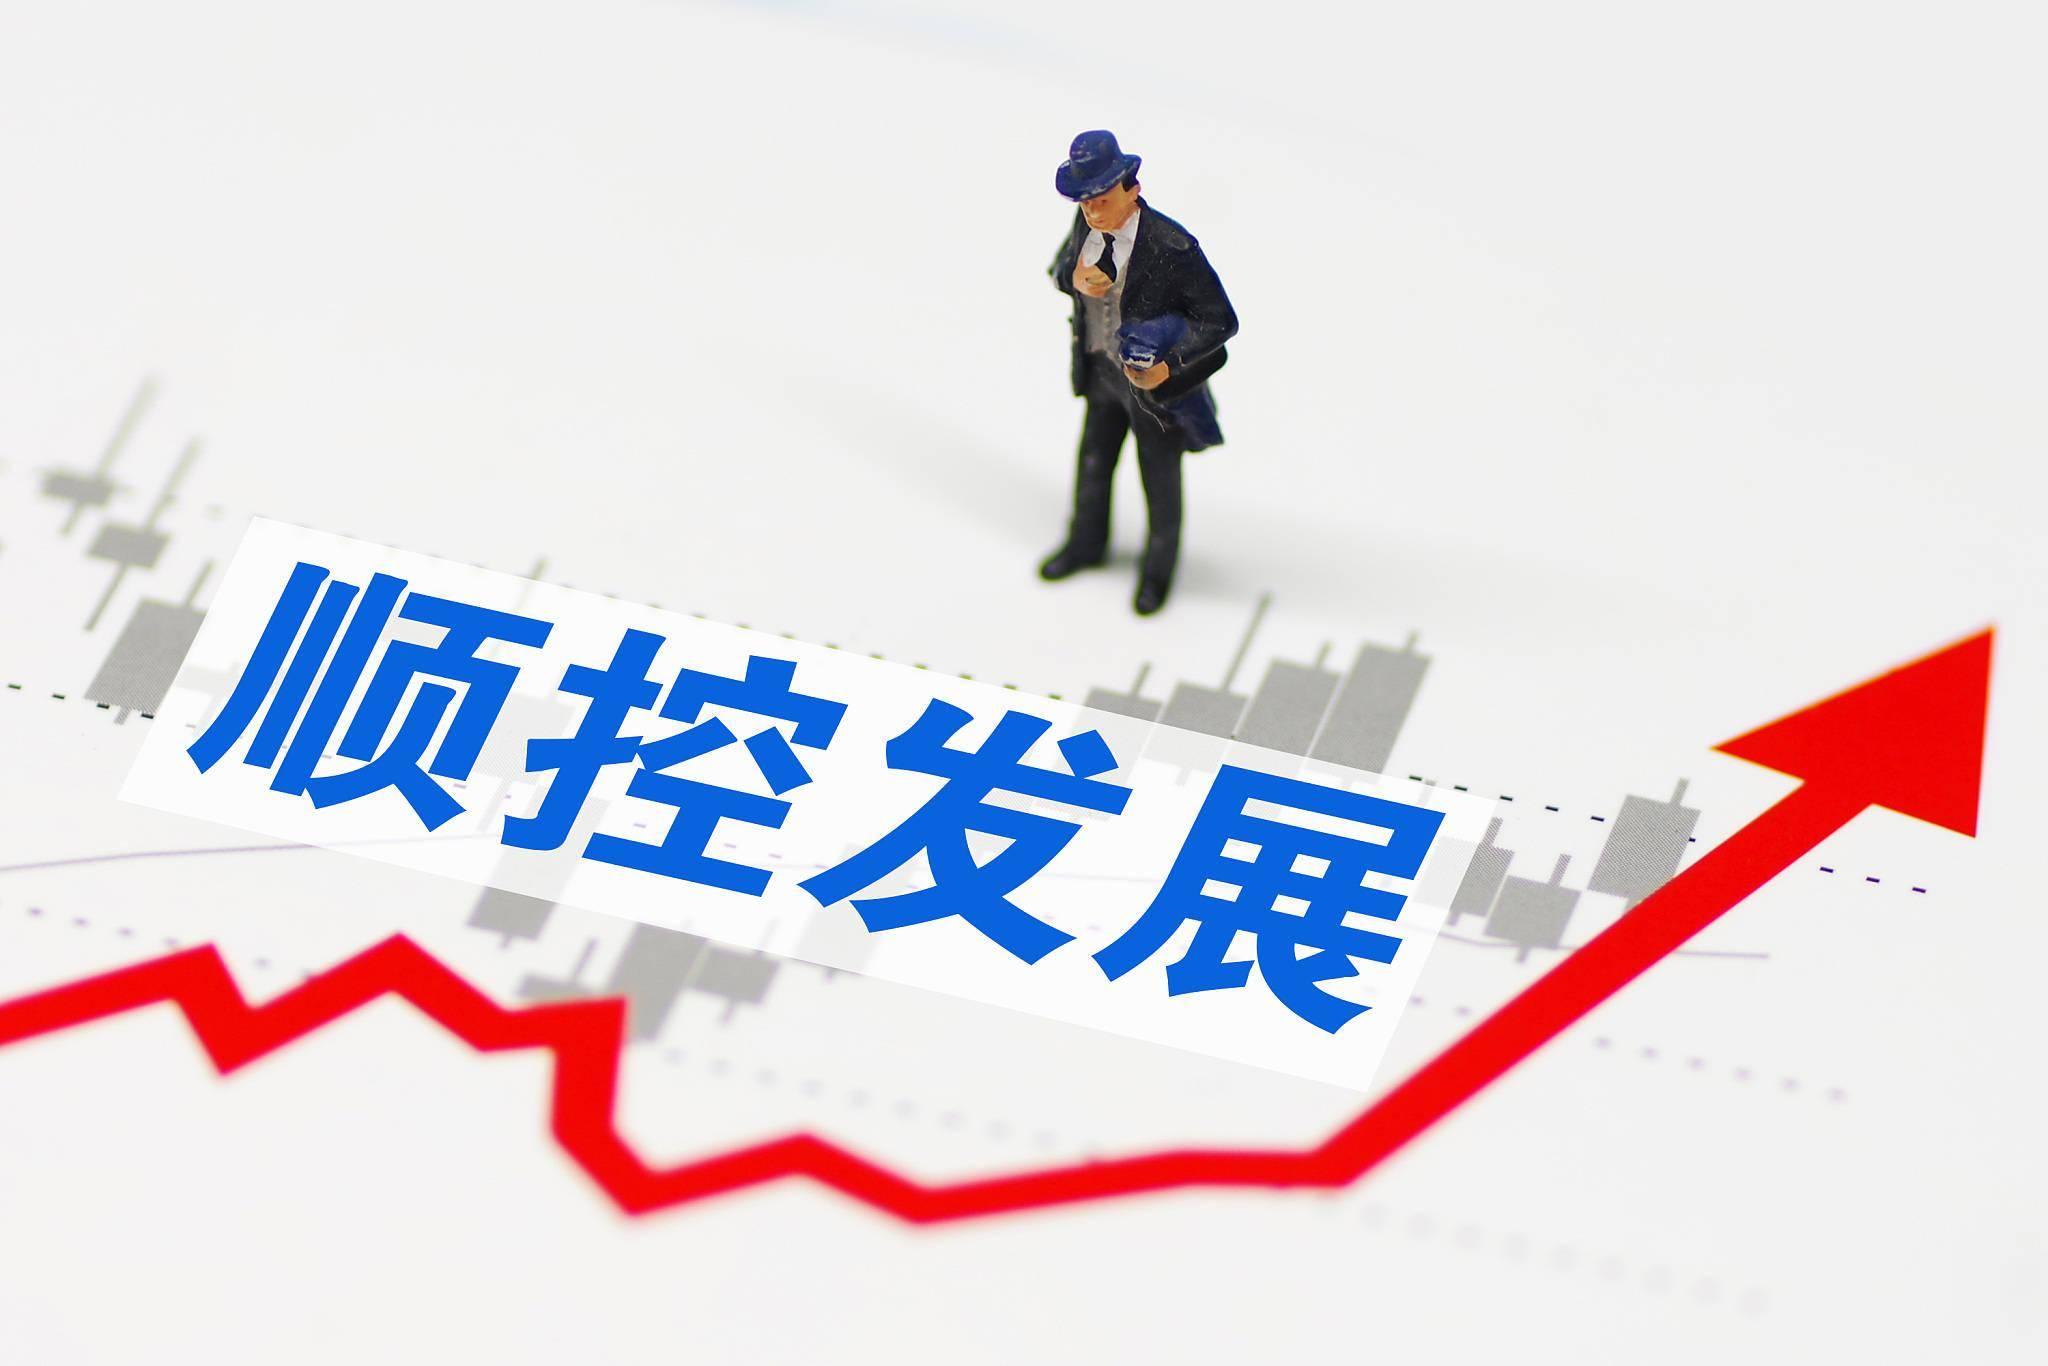 又见爆炒!顺控发展连续21涨停股价暴涨700%,又一10倍股?